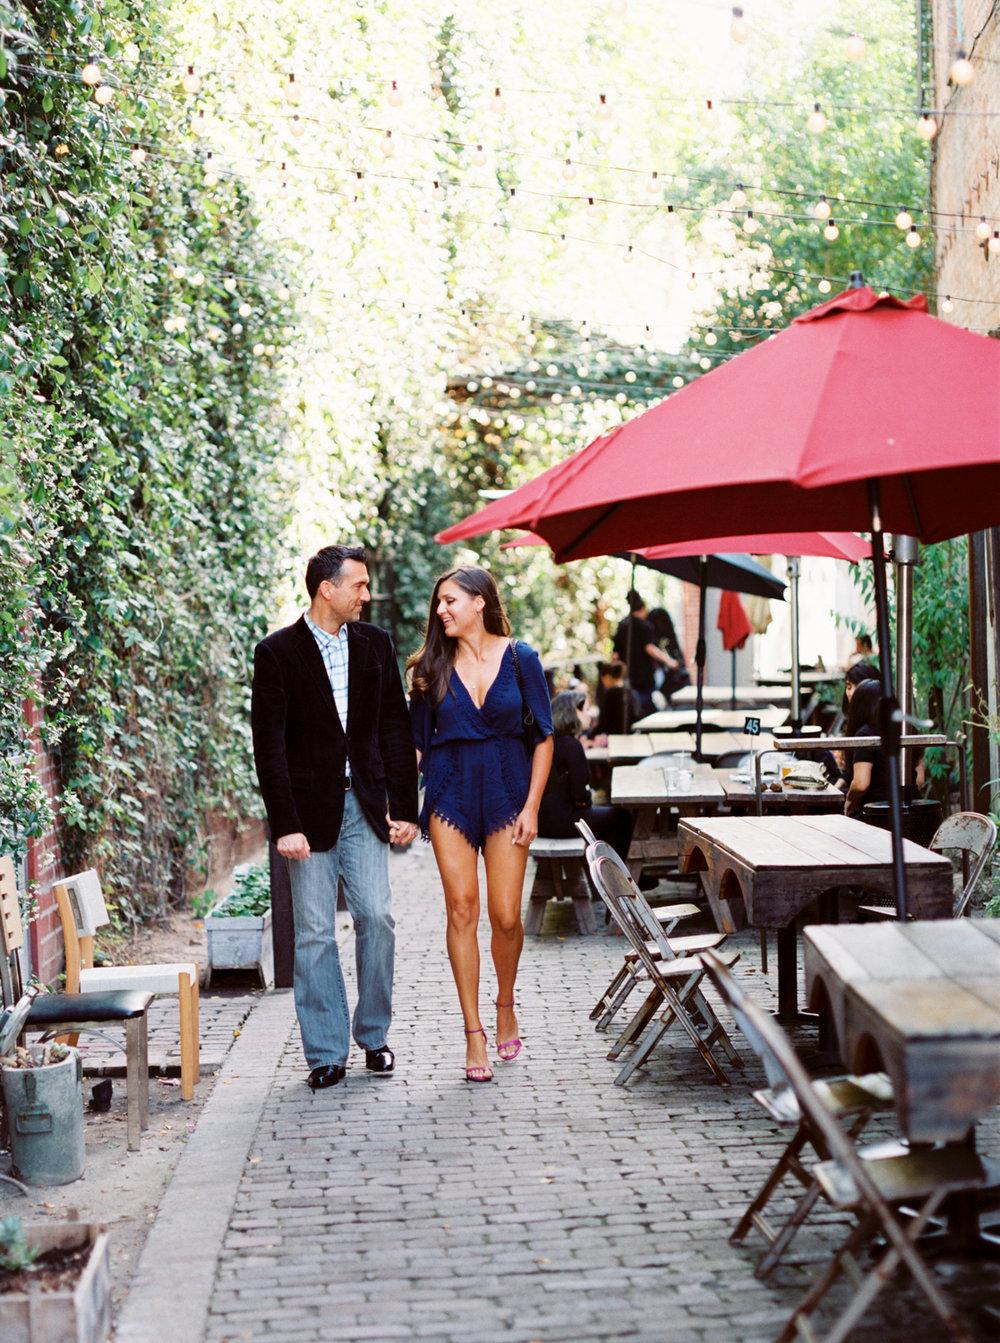 DennisRoyCoronelPhotography_ChantePaul_Engagement-15.jpg